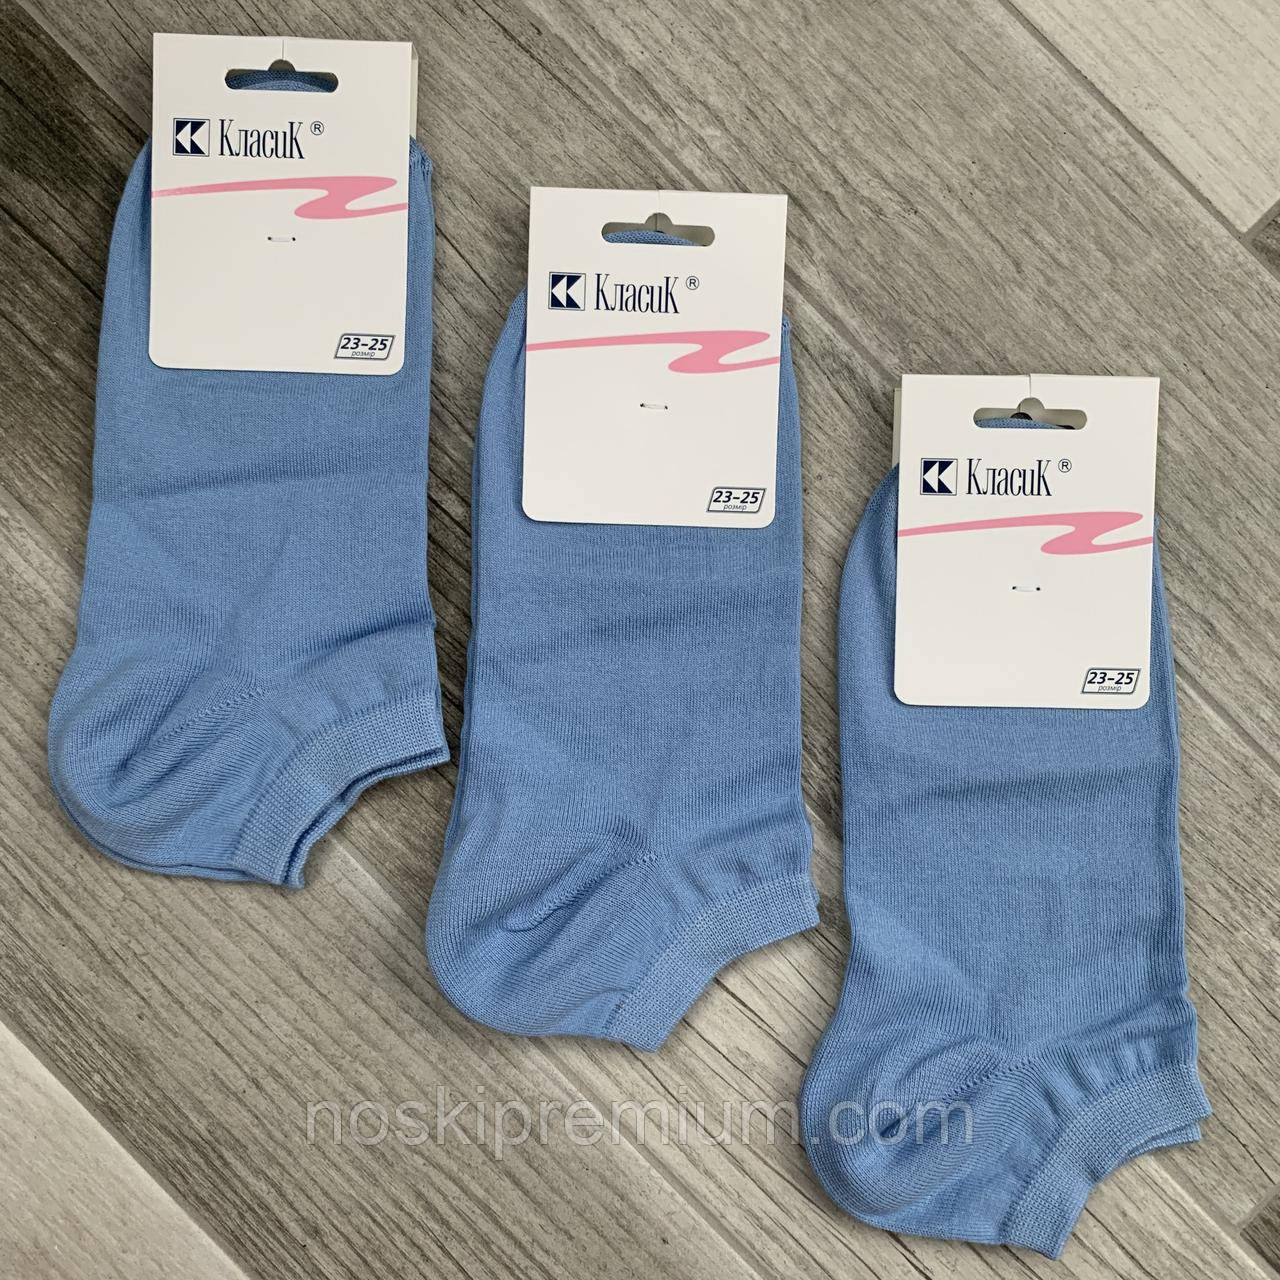 Носки женские демисезонные х/б Классик, Черкассы, 7В-11, 23-25 размер, голубые, 121